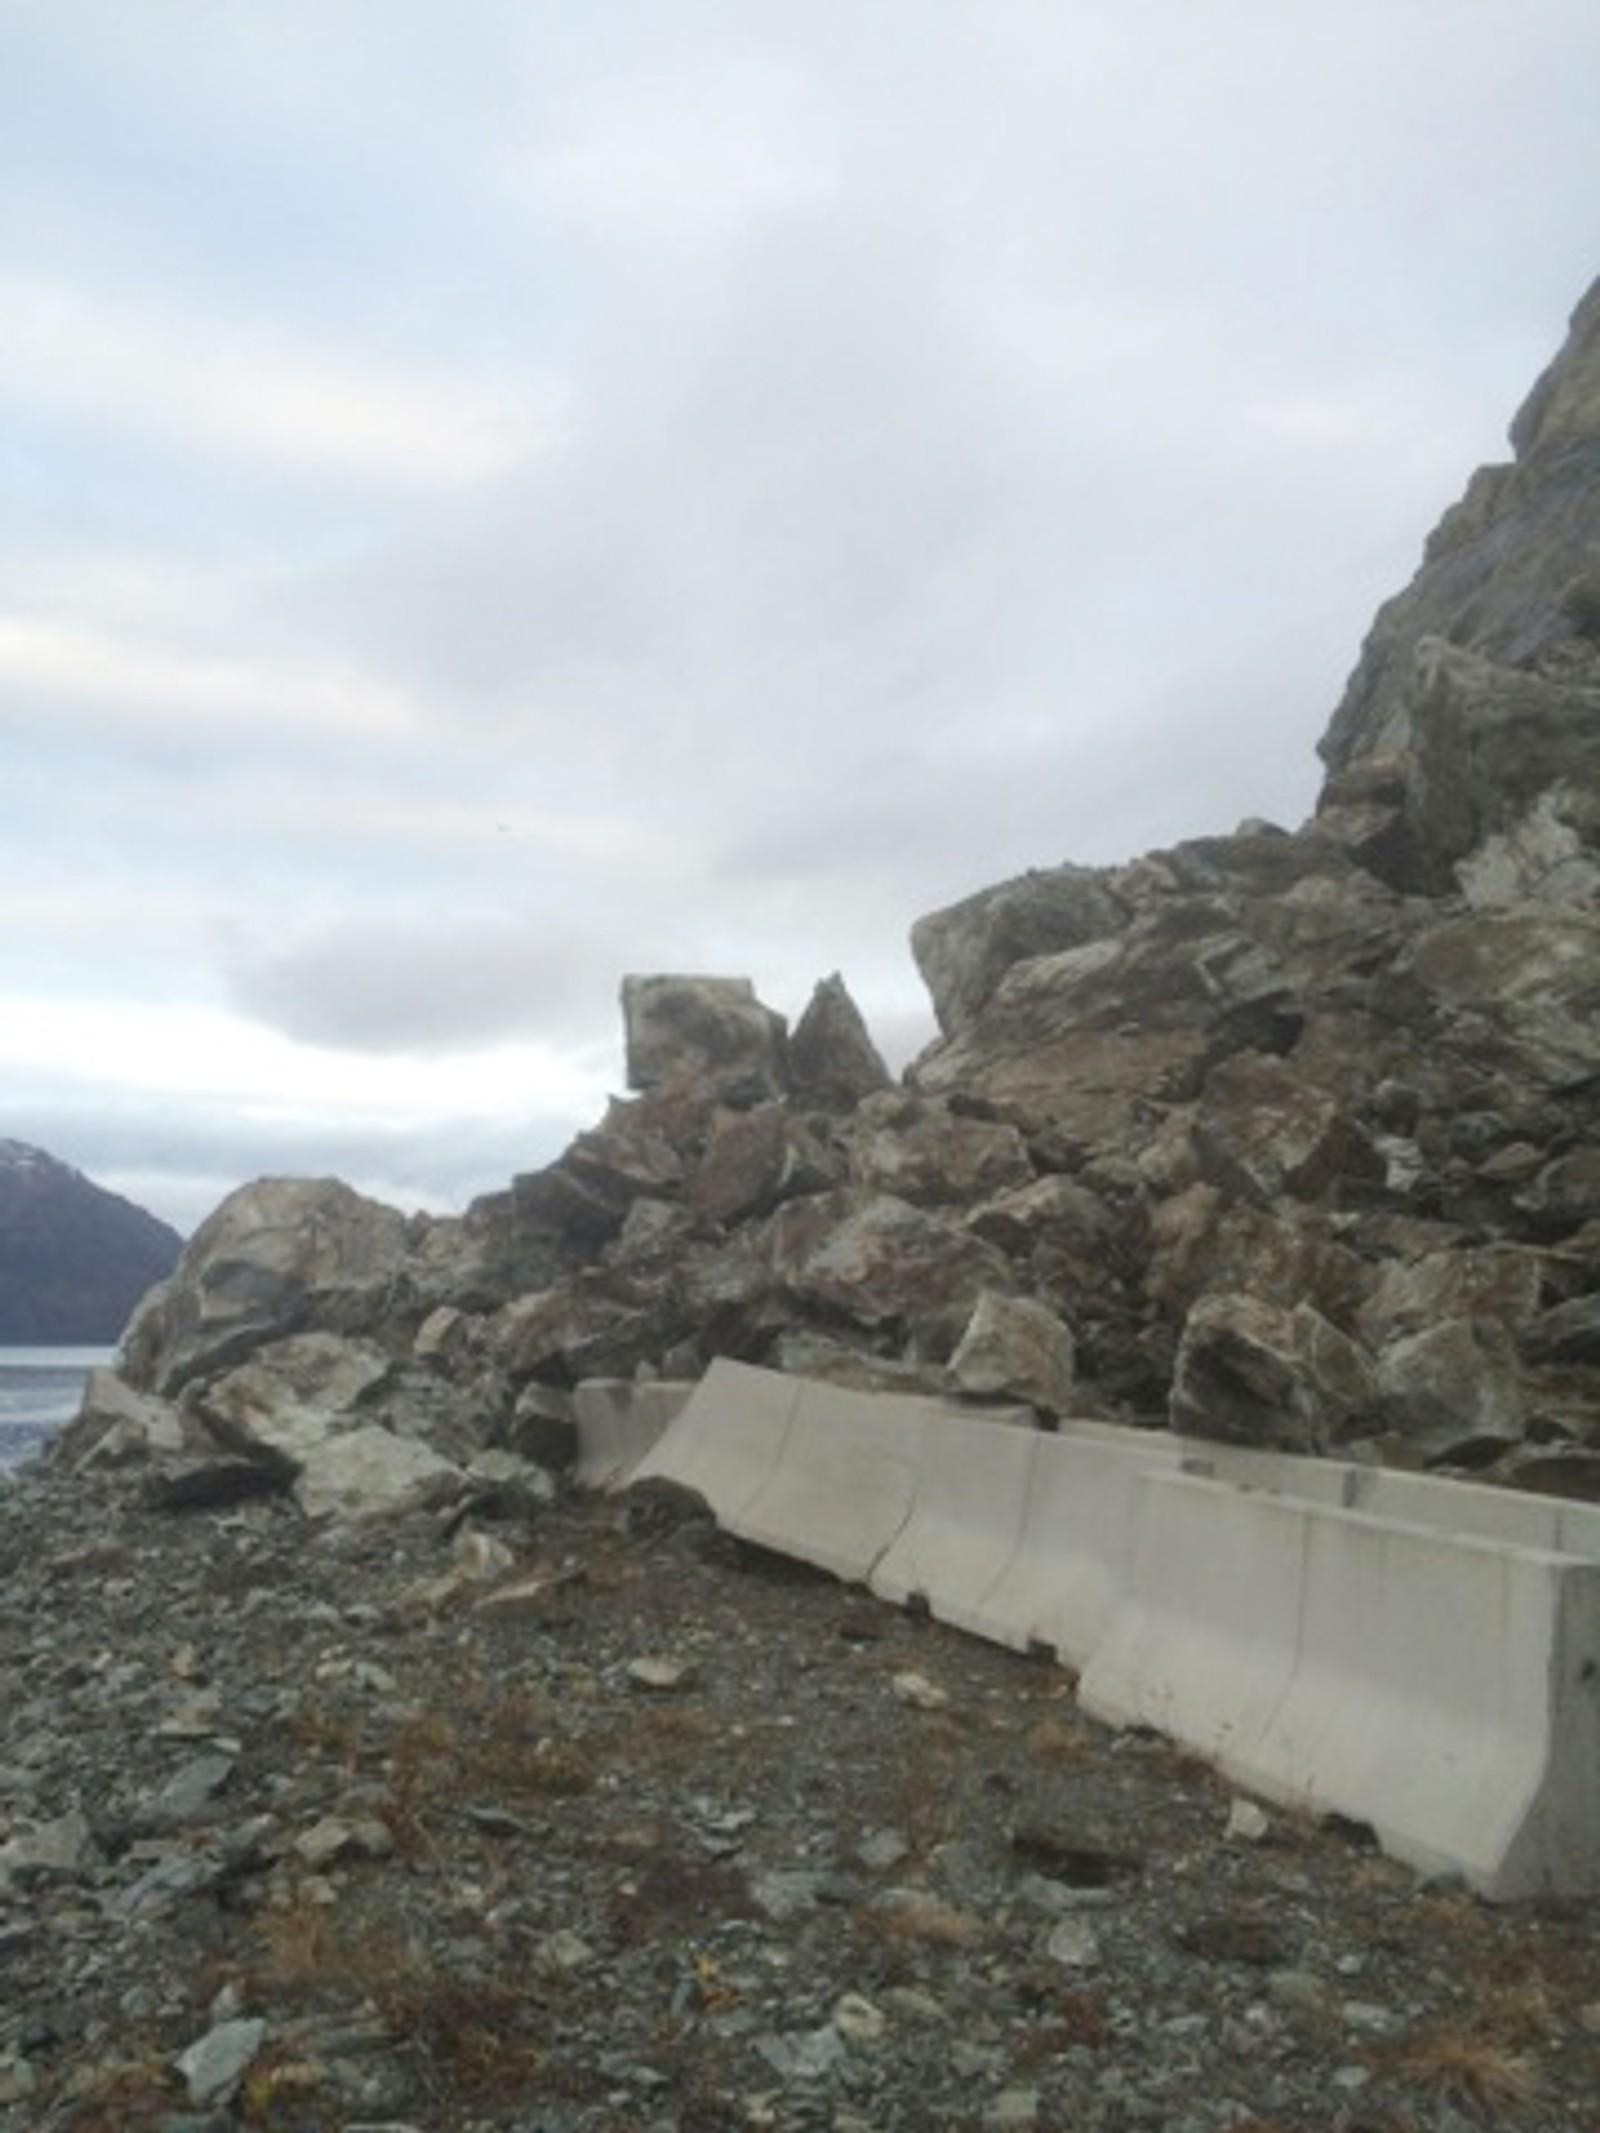 Ras utenfor Lille Lerresfjord.